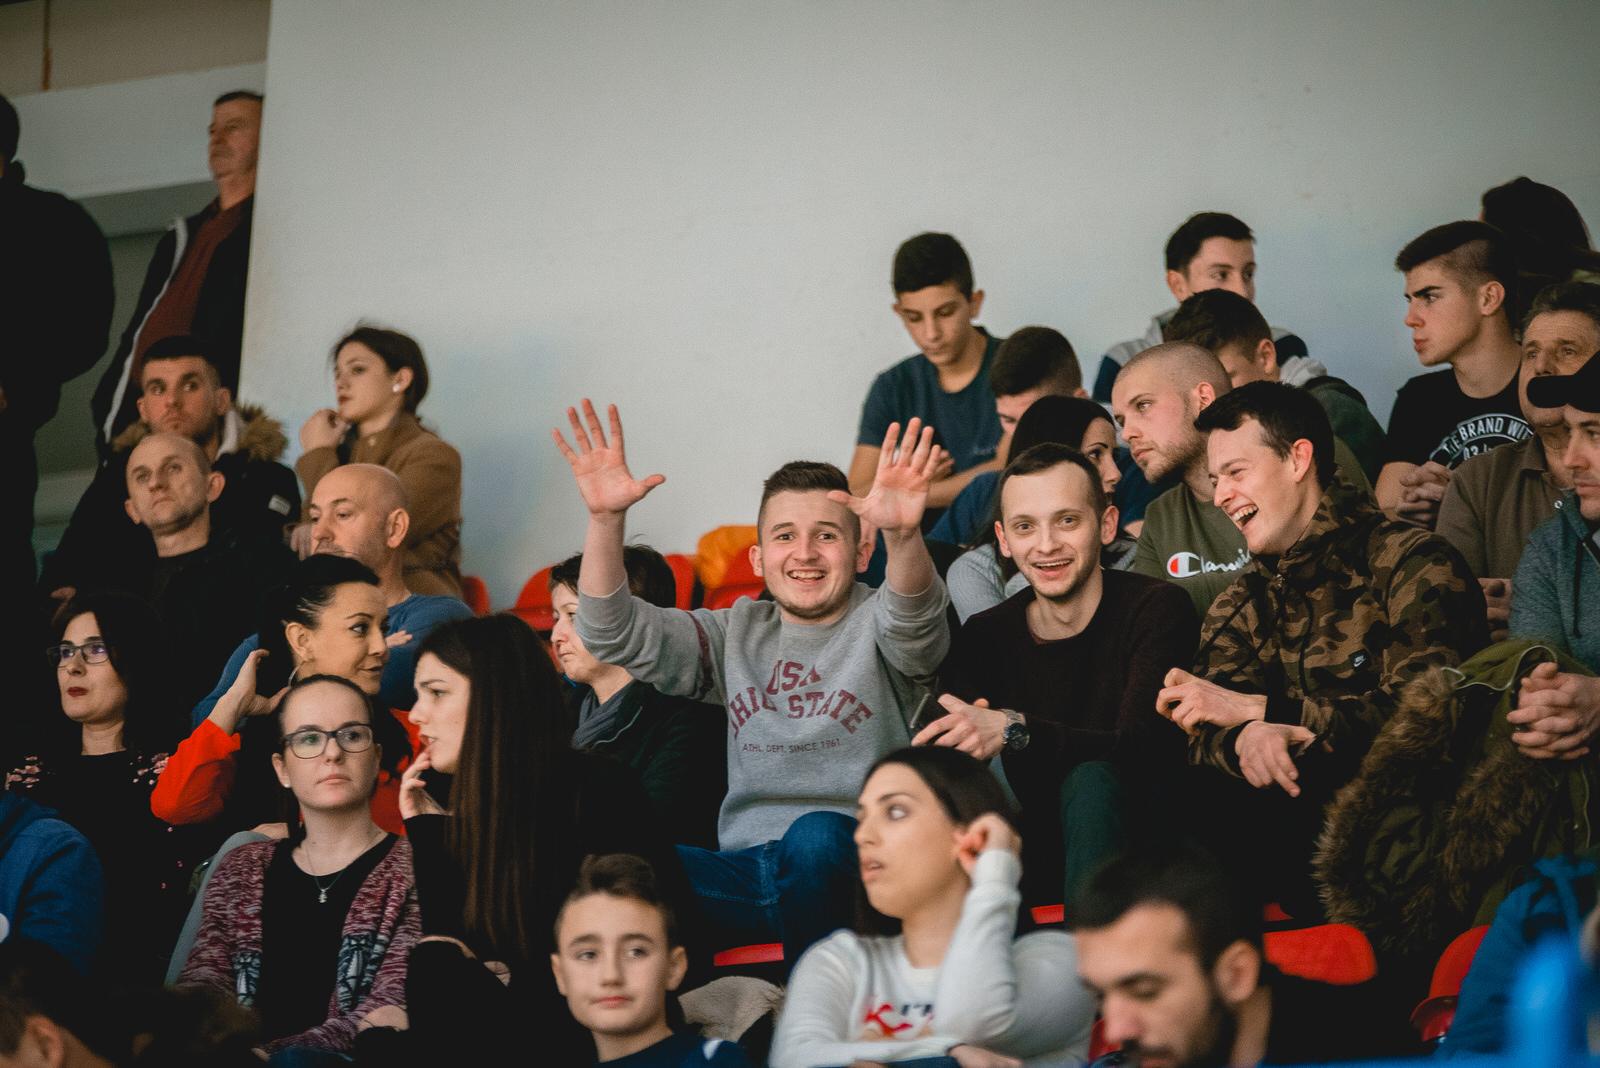 likaclub_gospić_zimski-malonogometni-turnir-2018-19-45